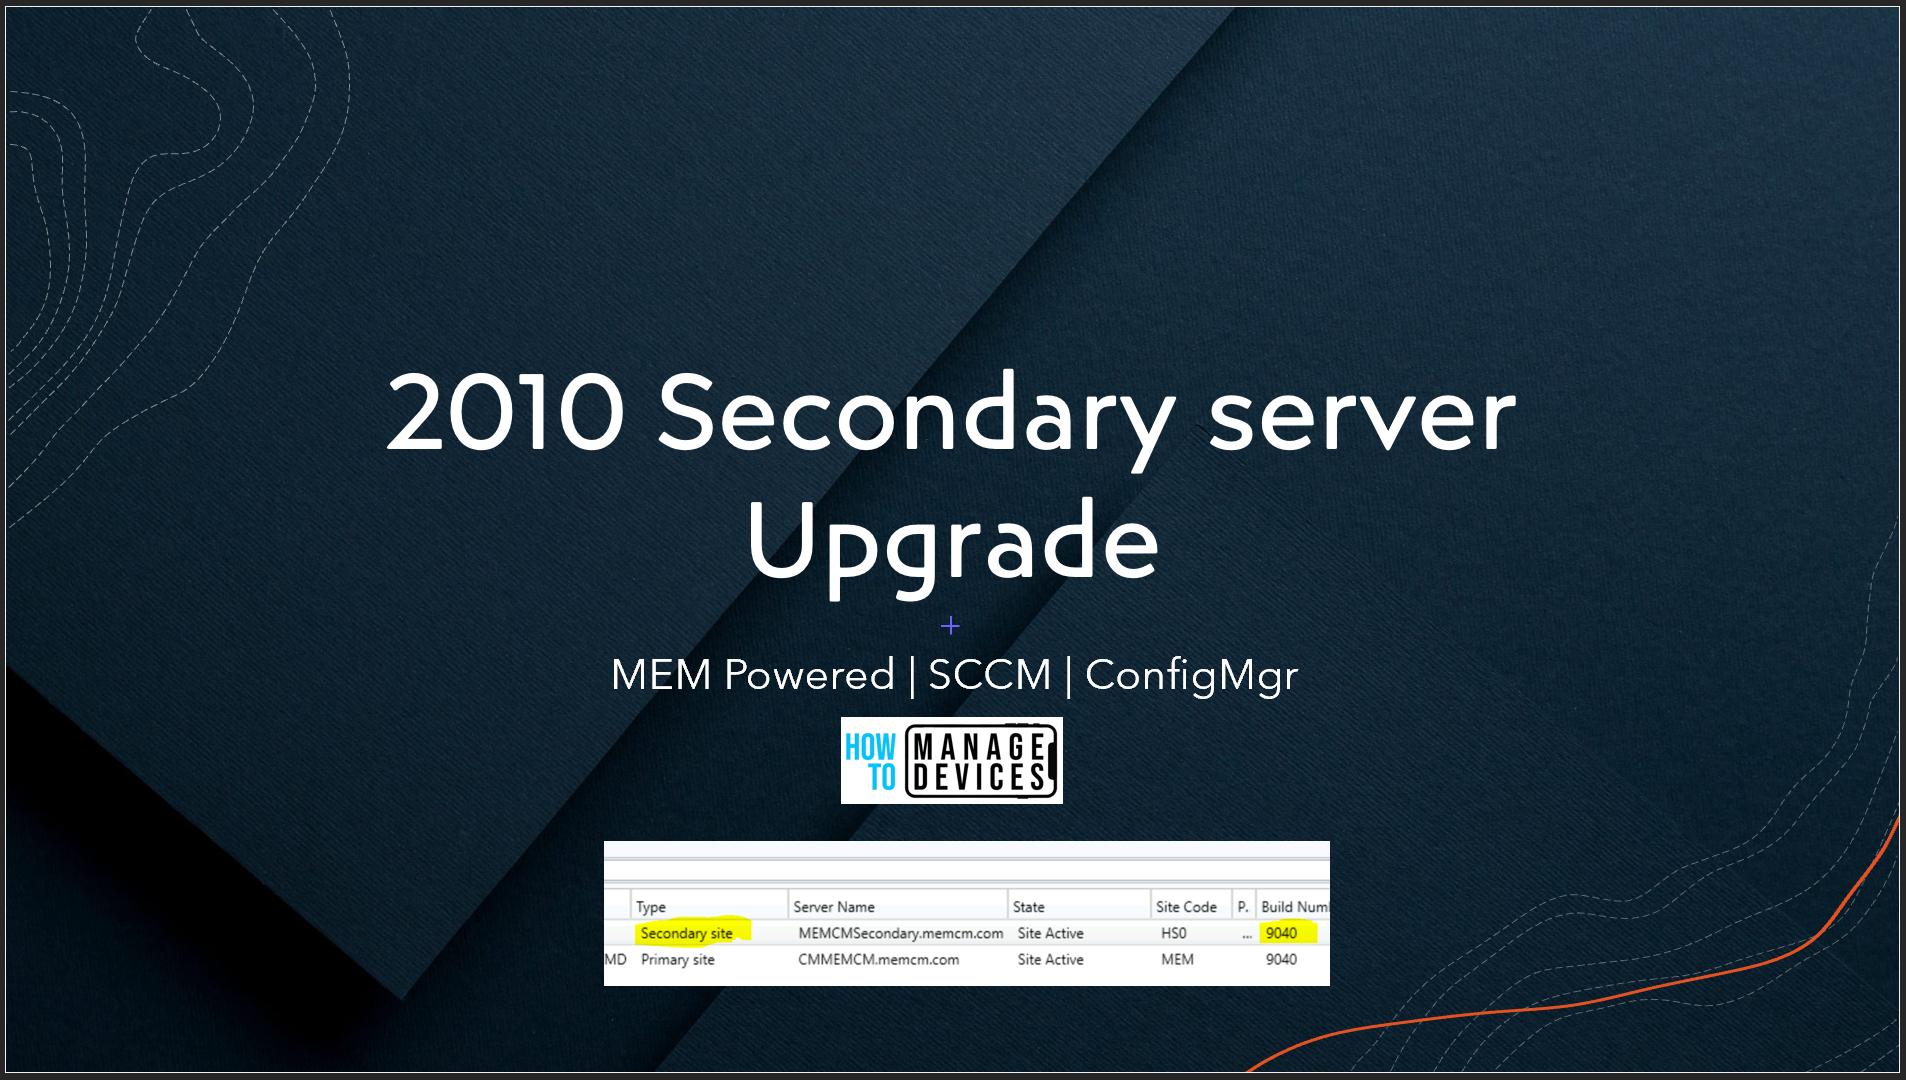 SCCM 2010 Secondary Server Upgrade Guide